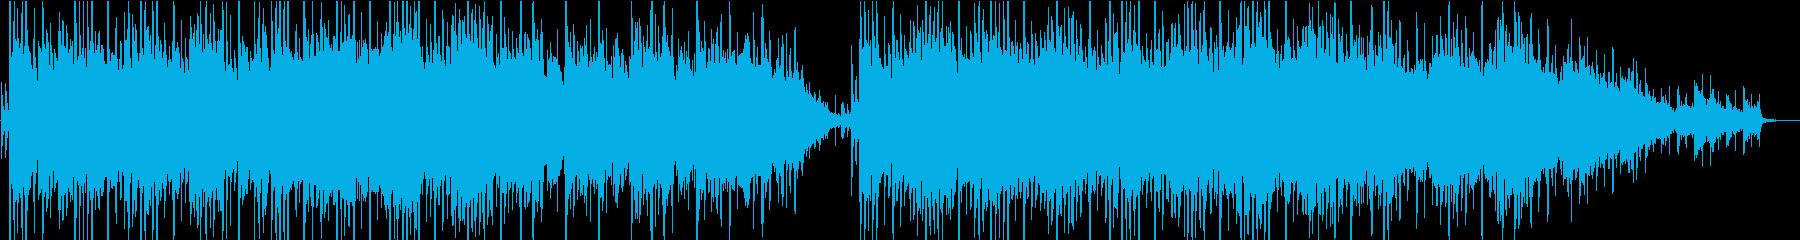 【和風のlofi hiphop】夏花火②の再生済みの波形